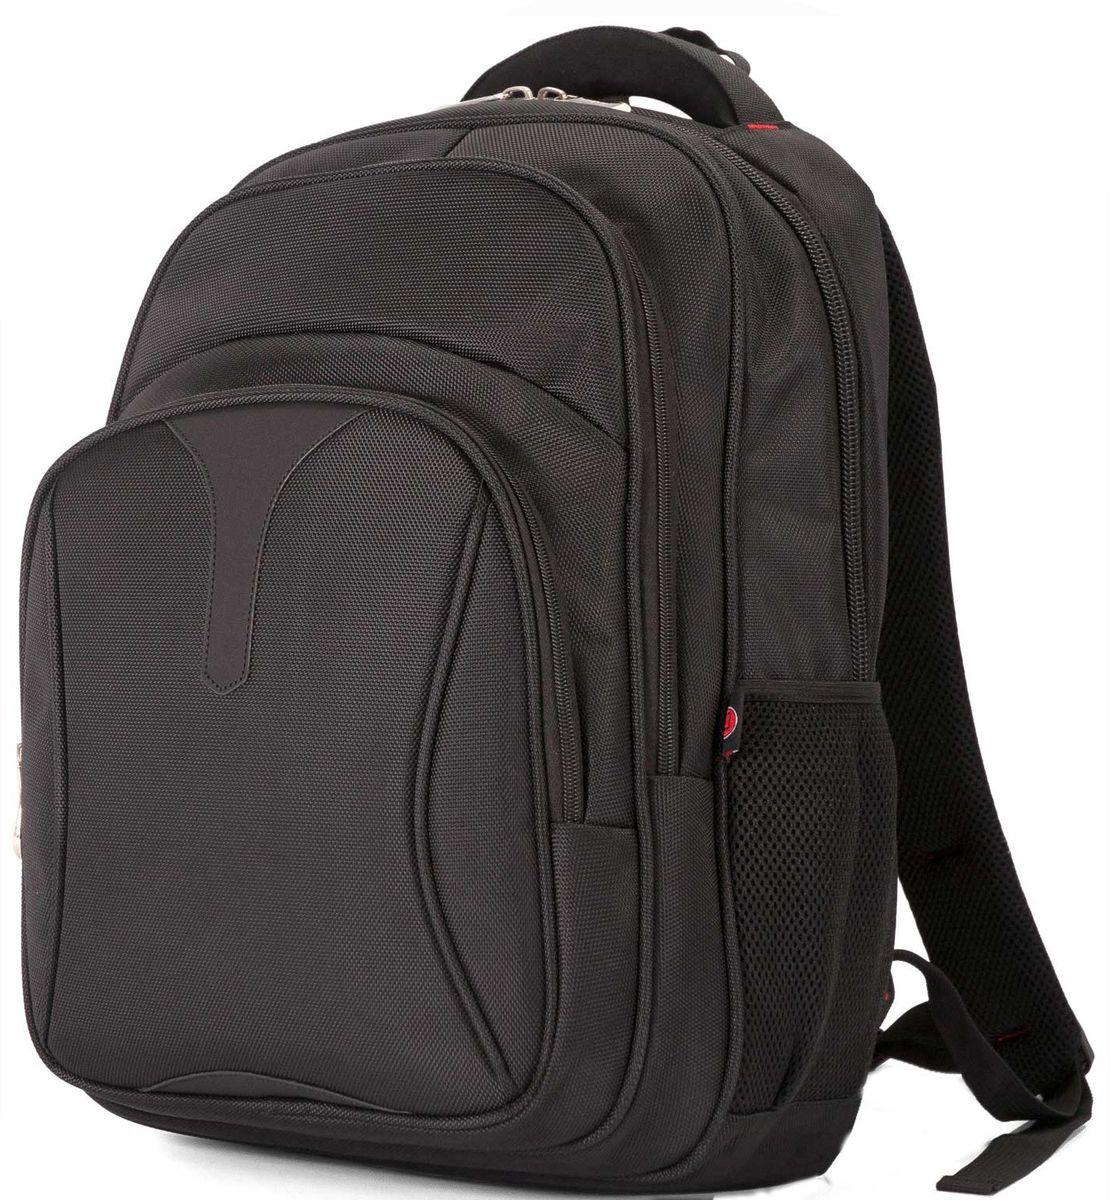 Τσαντα Πλατης για Laptop 15.6 inc Benzi BZ5066 Μαύρο σακίδια   τσάντες   τσάντες πλάτης